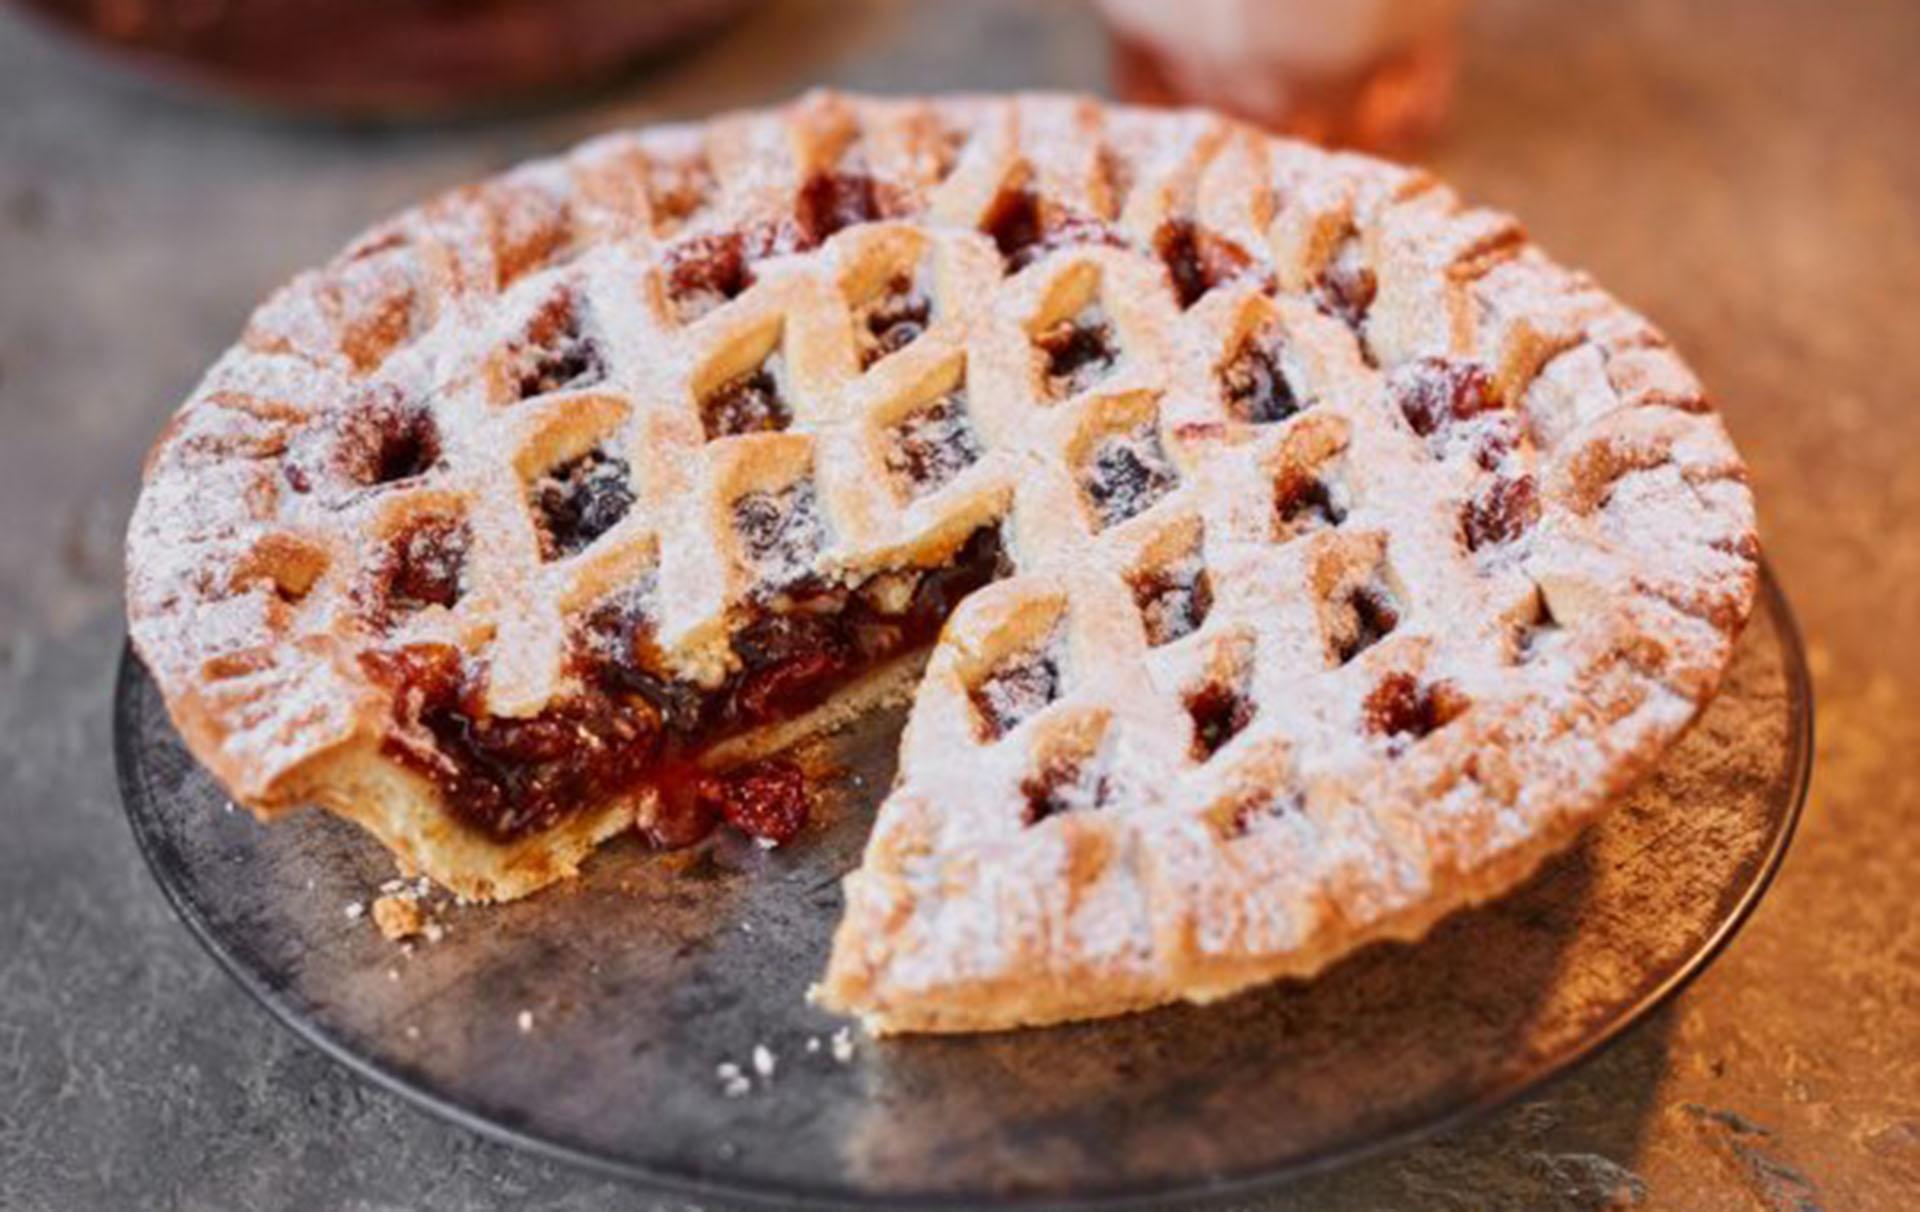 asda giant mince pie